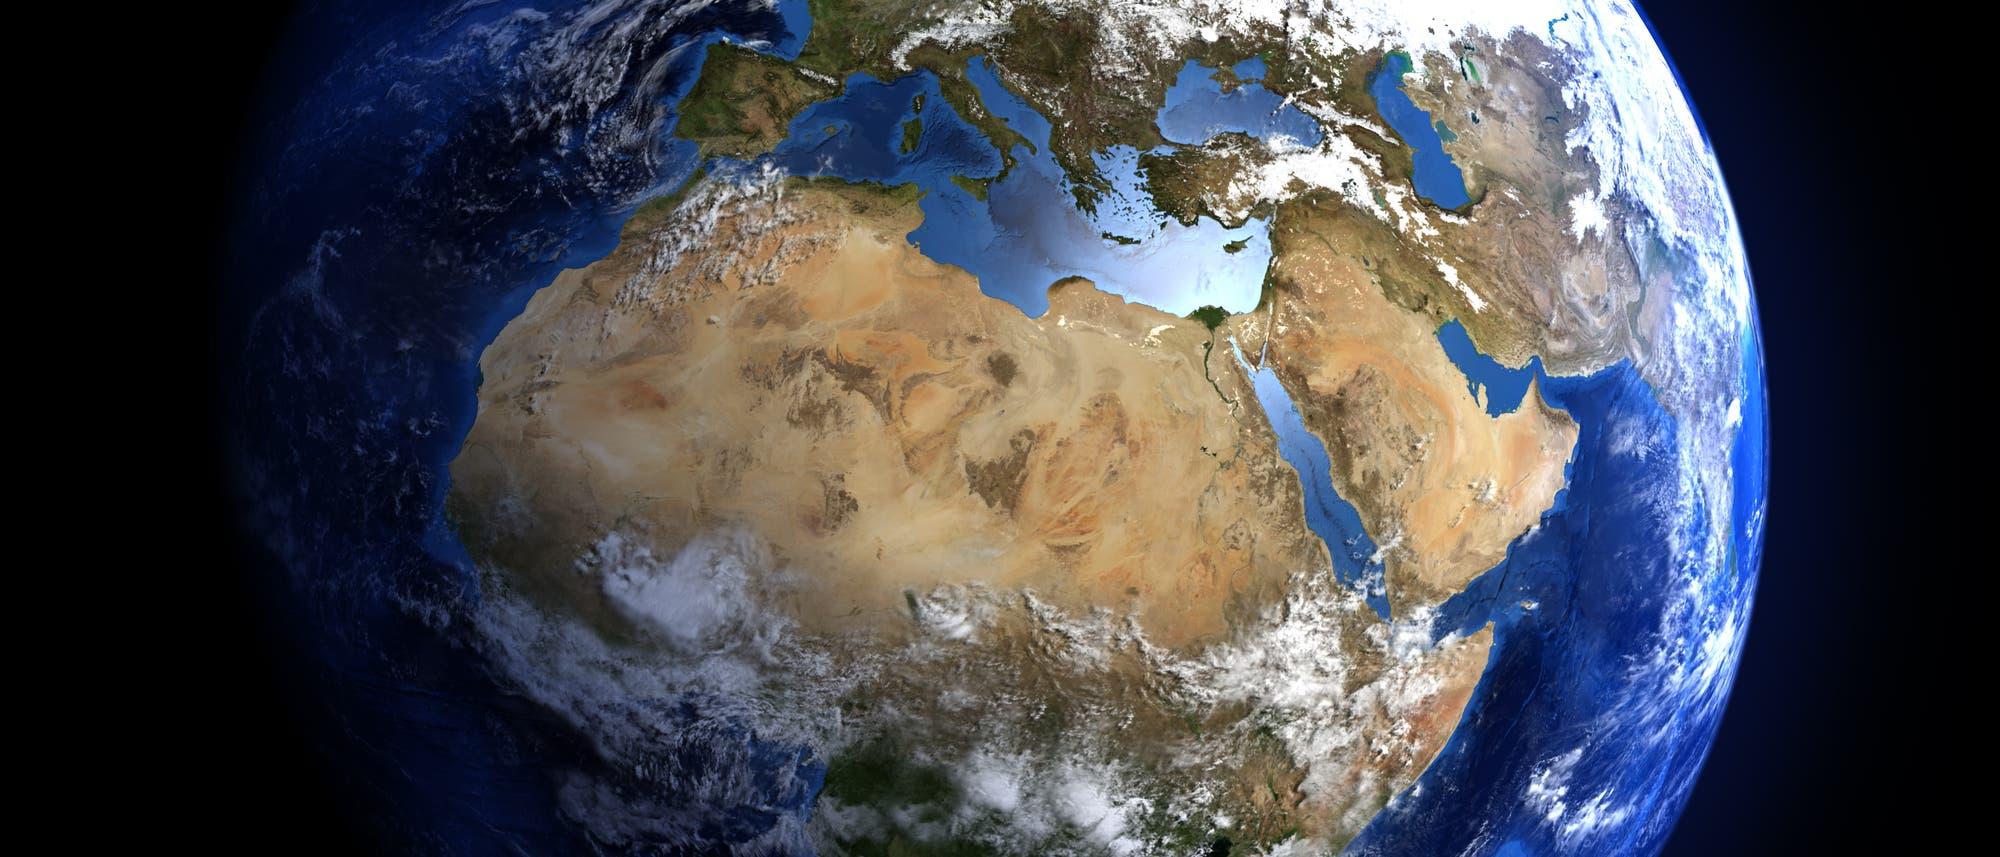 Die Erde aus dem All